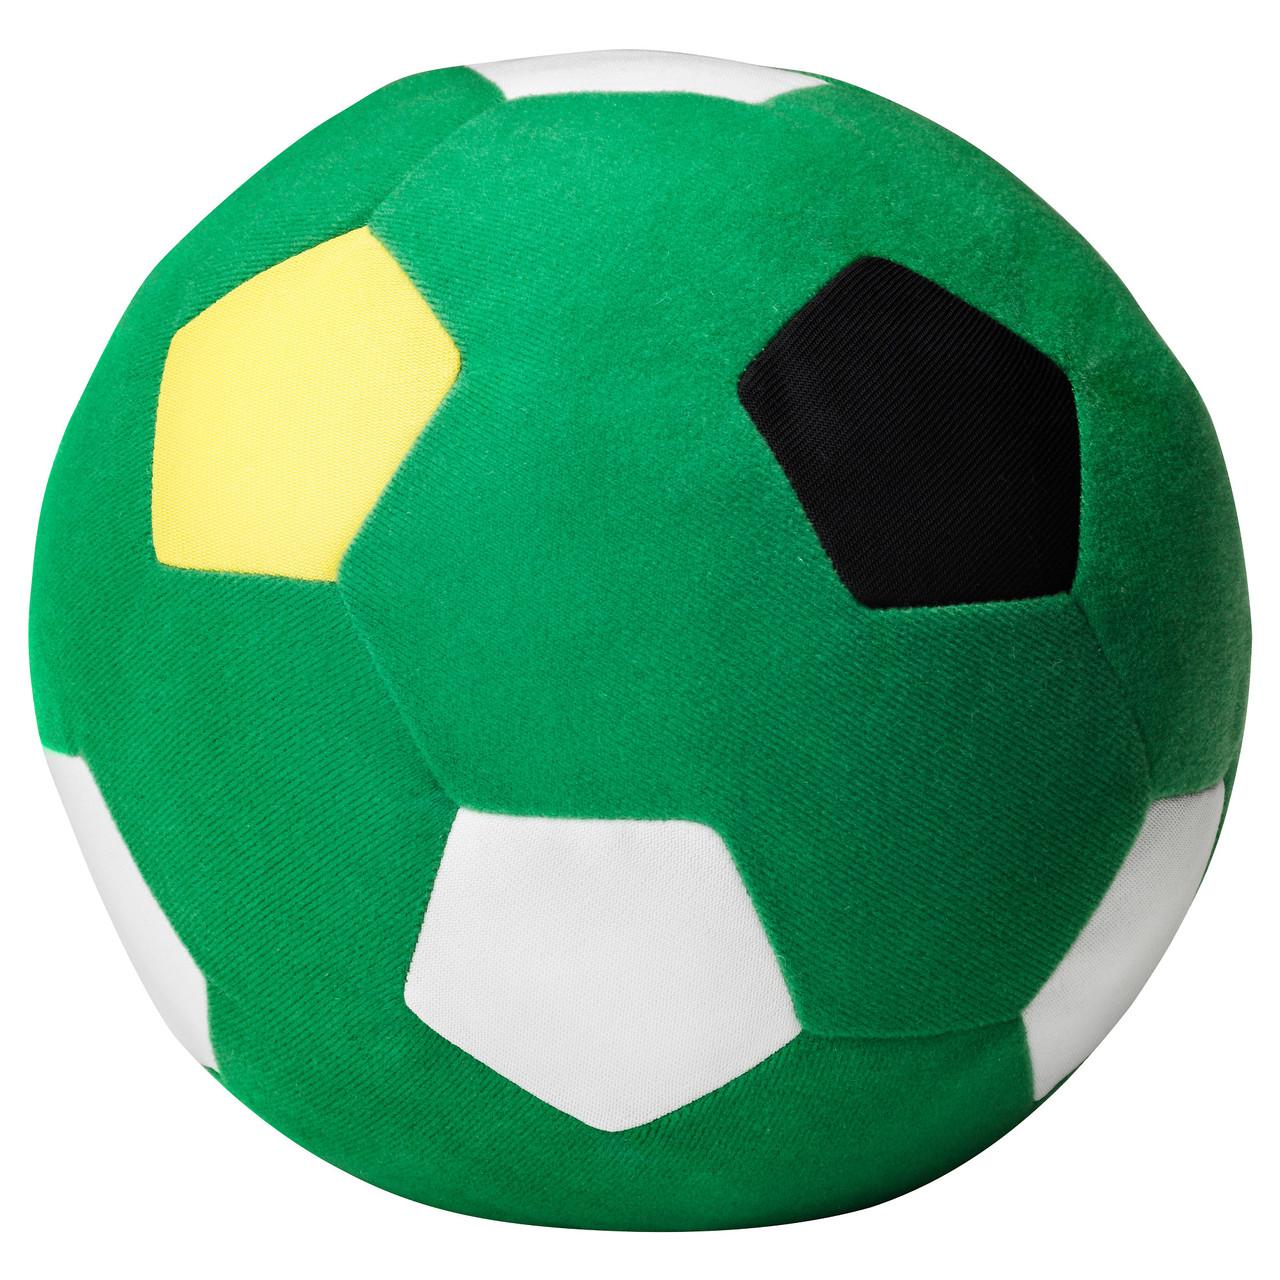 СПАРКА Мягкая игрушка, зеленый футбольный, зеленый, 70302645, ИКЕА, IKEA, SPARKA